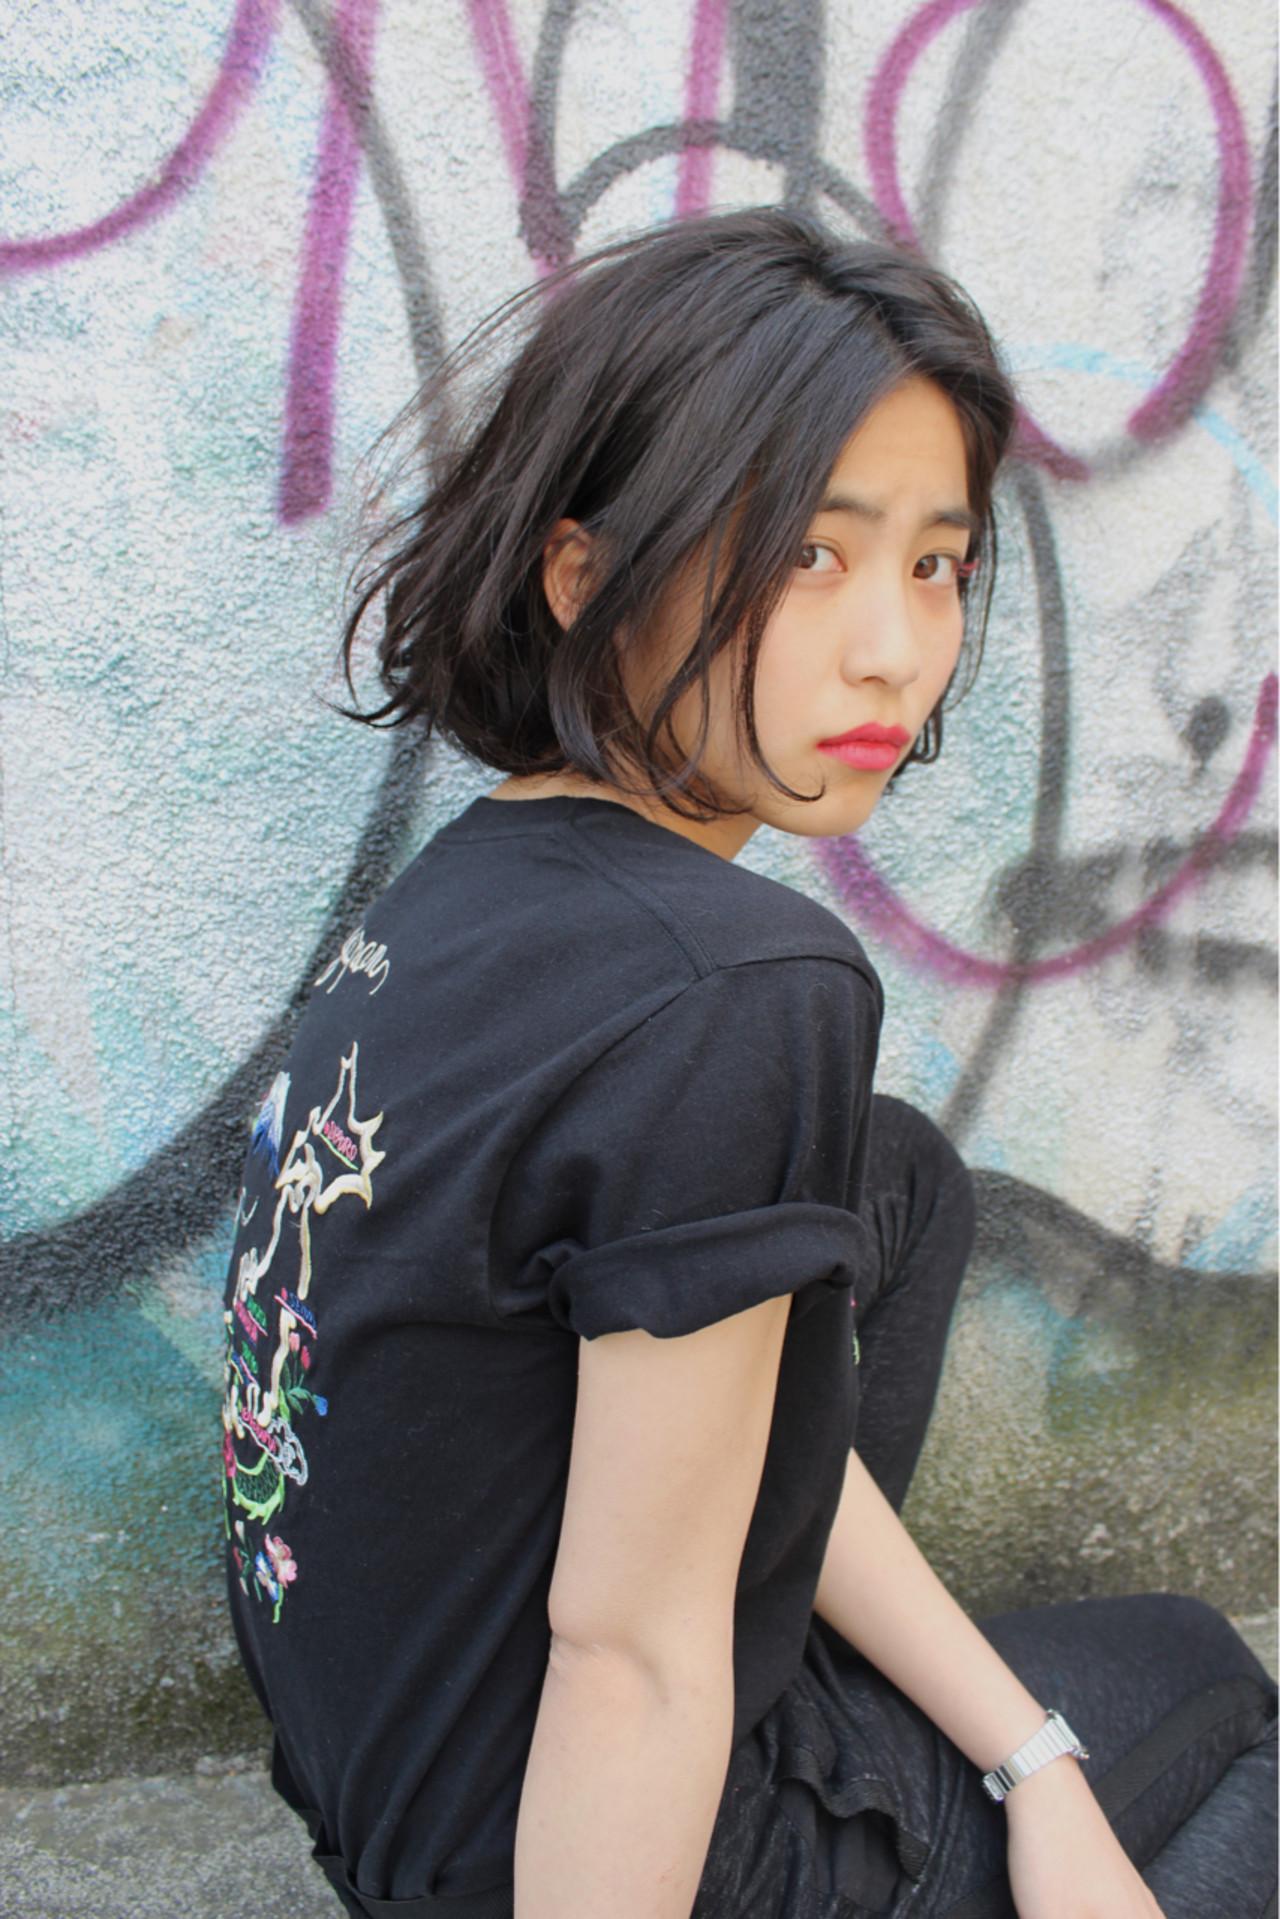 センターパートで大人の色気たっぷり 永井 美菜子 bibito | bibito